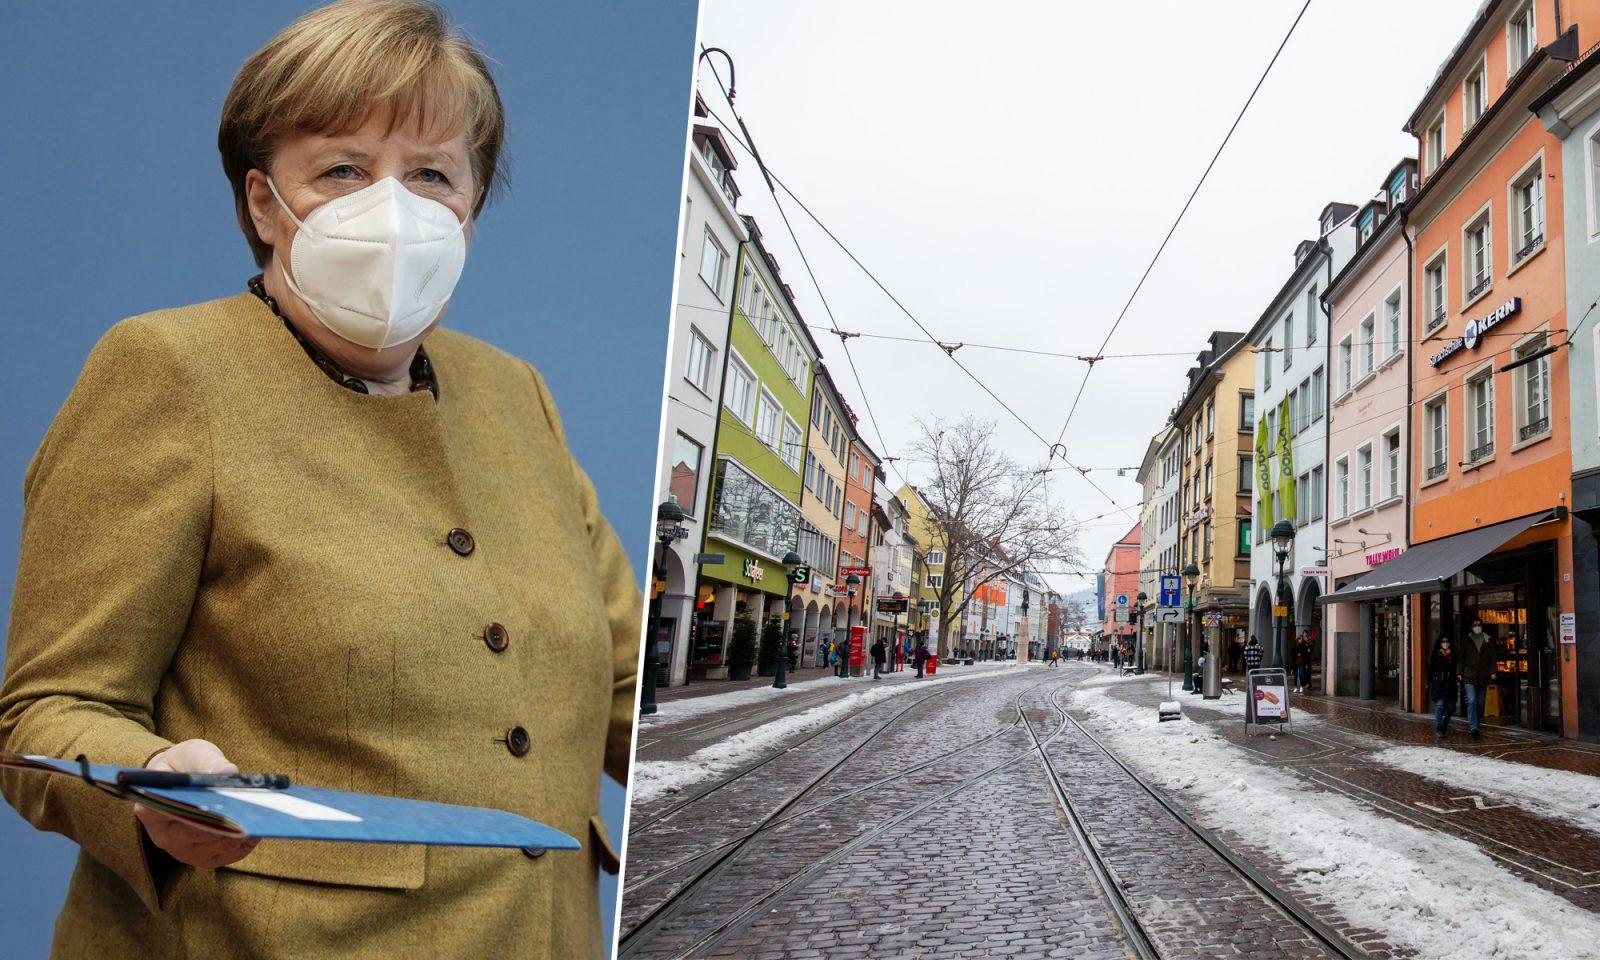 Kanzlerin Angela Merkel (CDU), Freiburger Innenstadt mit geschlossenen Läden